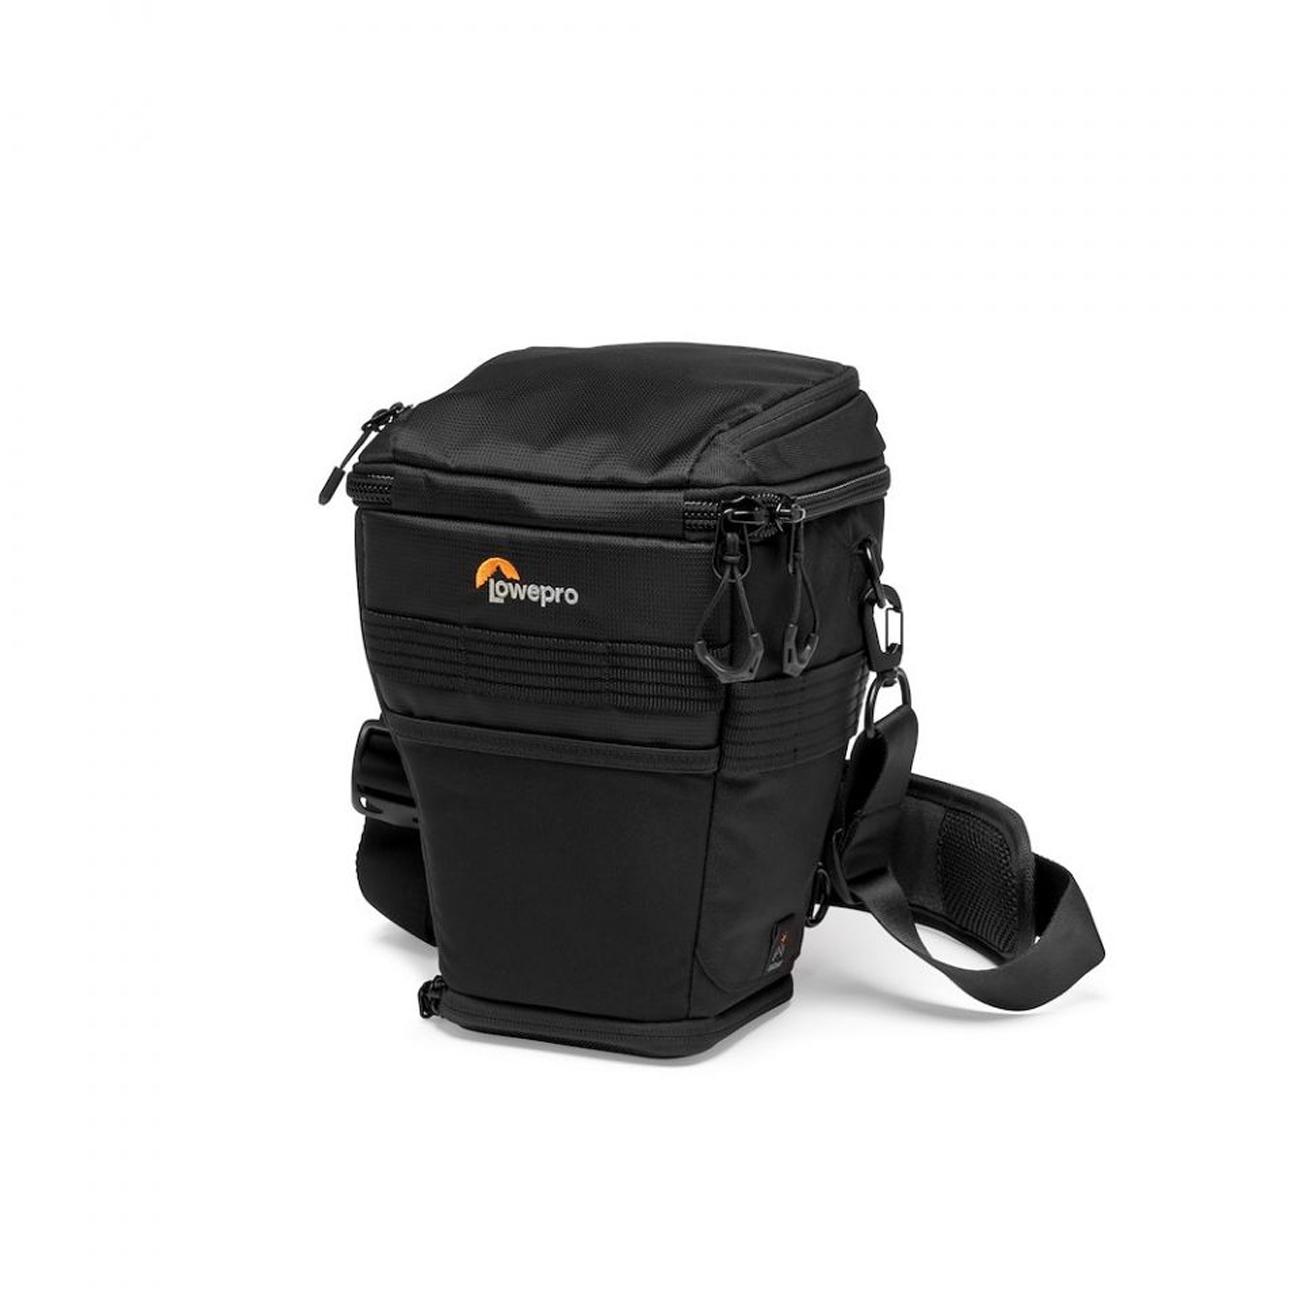 Lowepro ProTactic TLZ 70 AW II schwarz Kameratasche